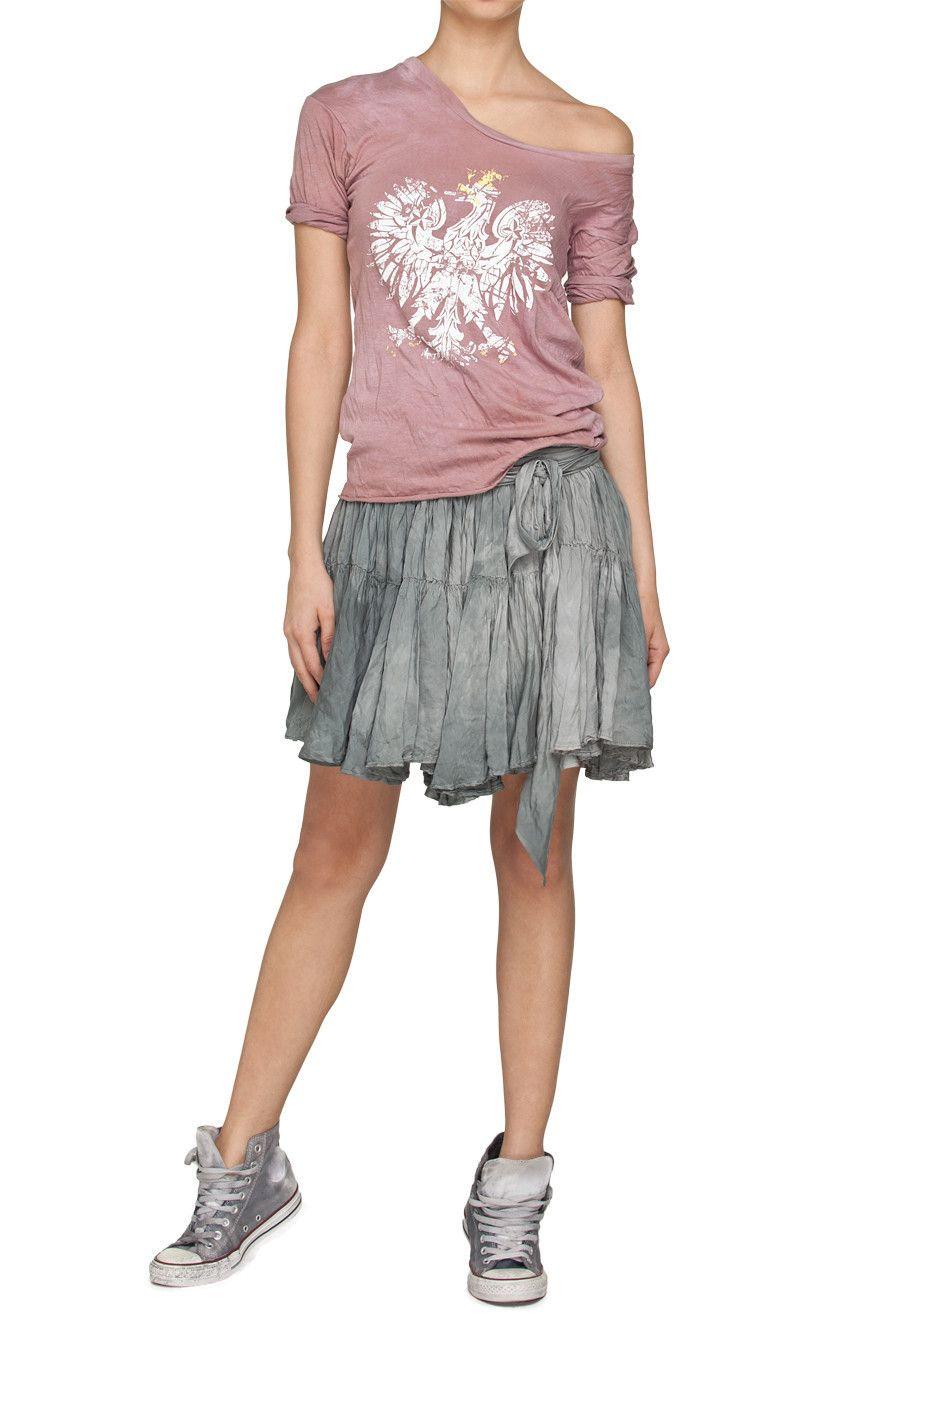 e74759536 T-shirt z orłem różowy ROBERT KUPISZ Qπш - Mostrami.pl ...